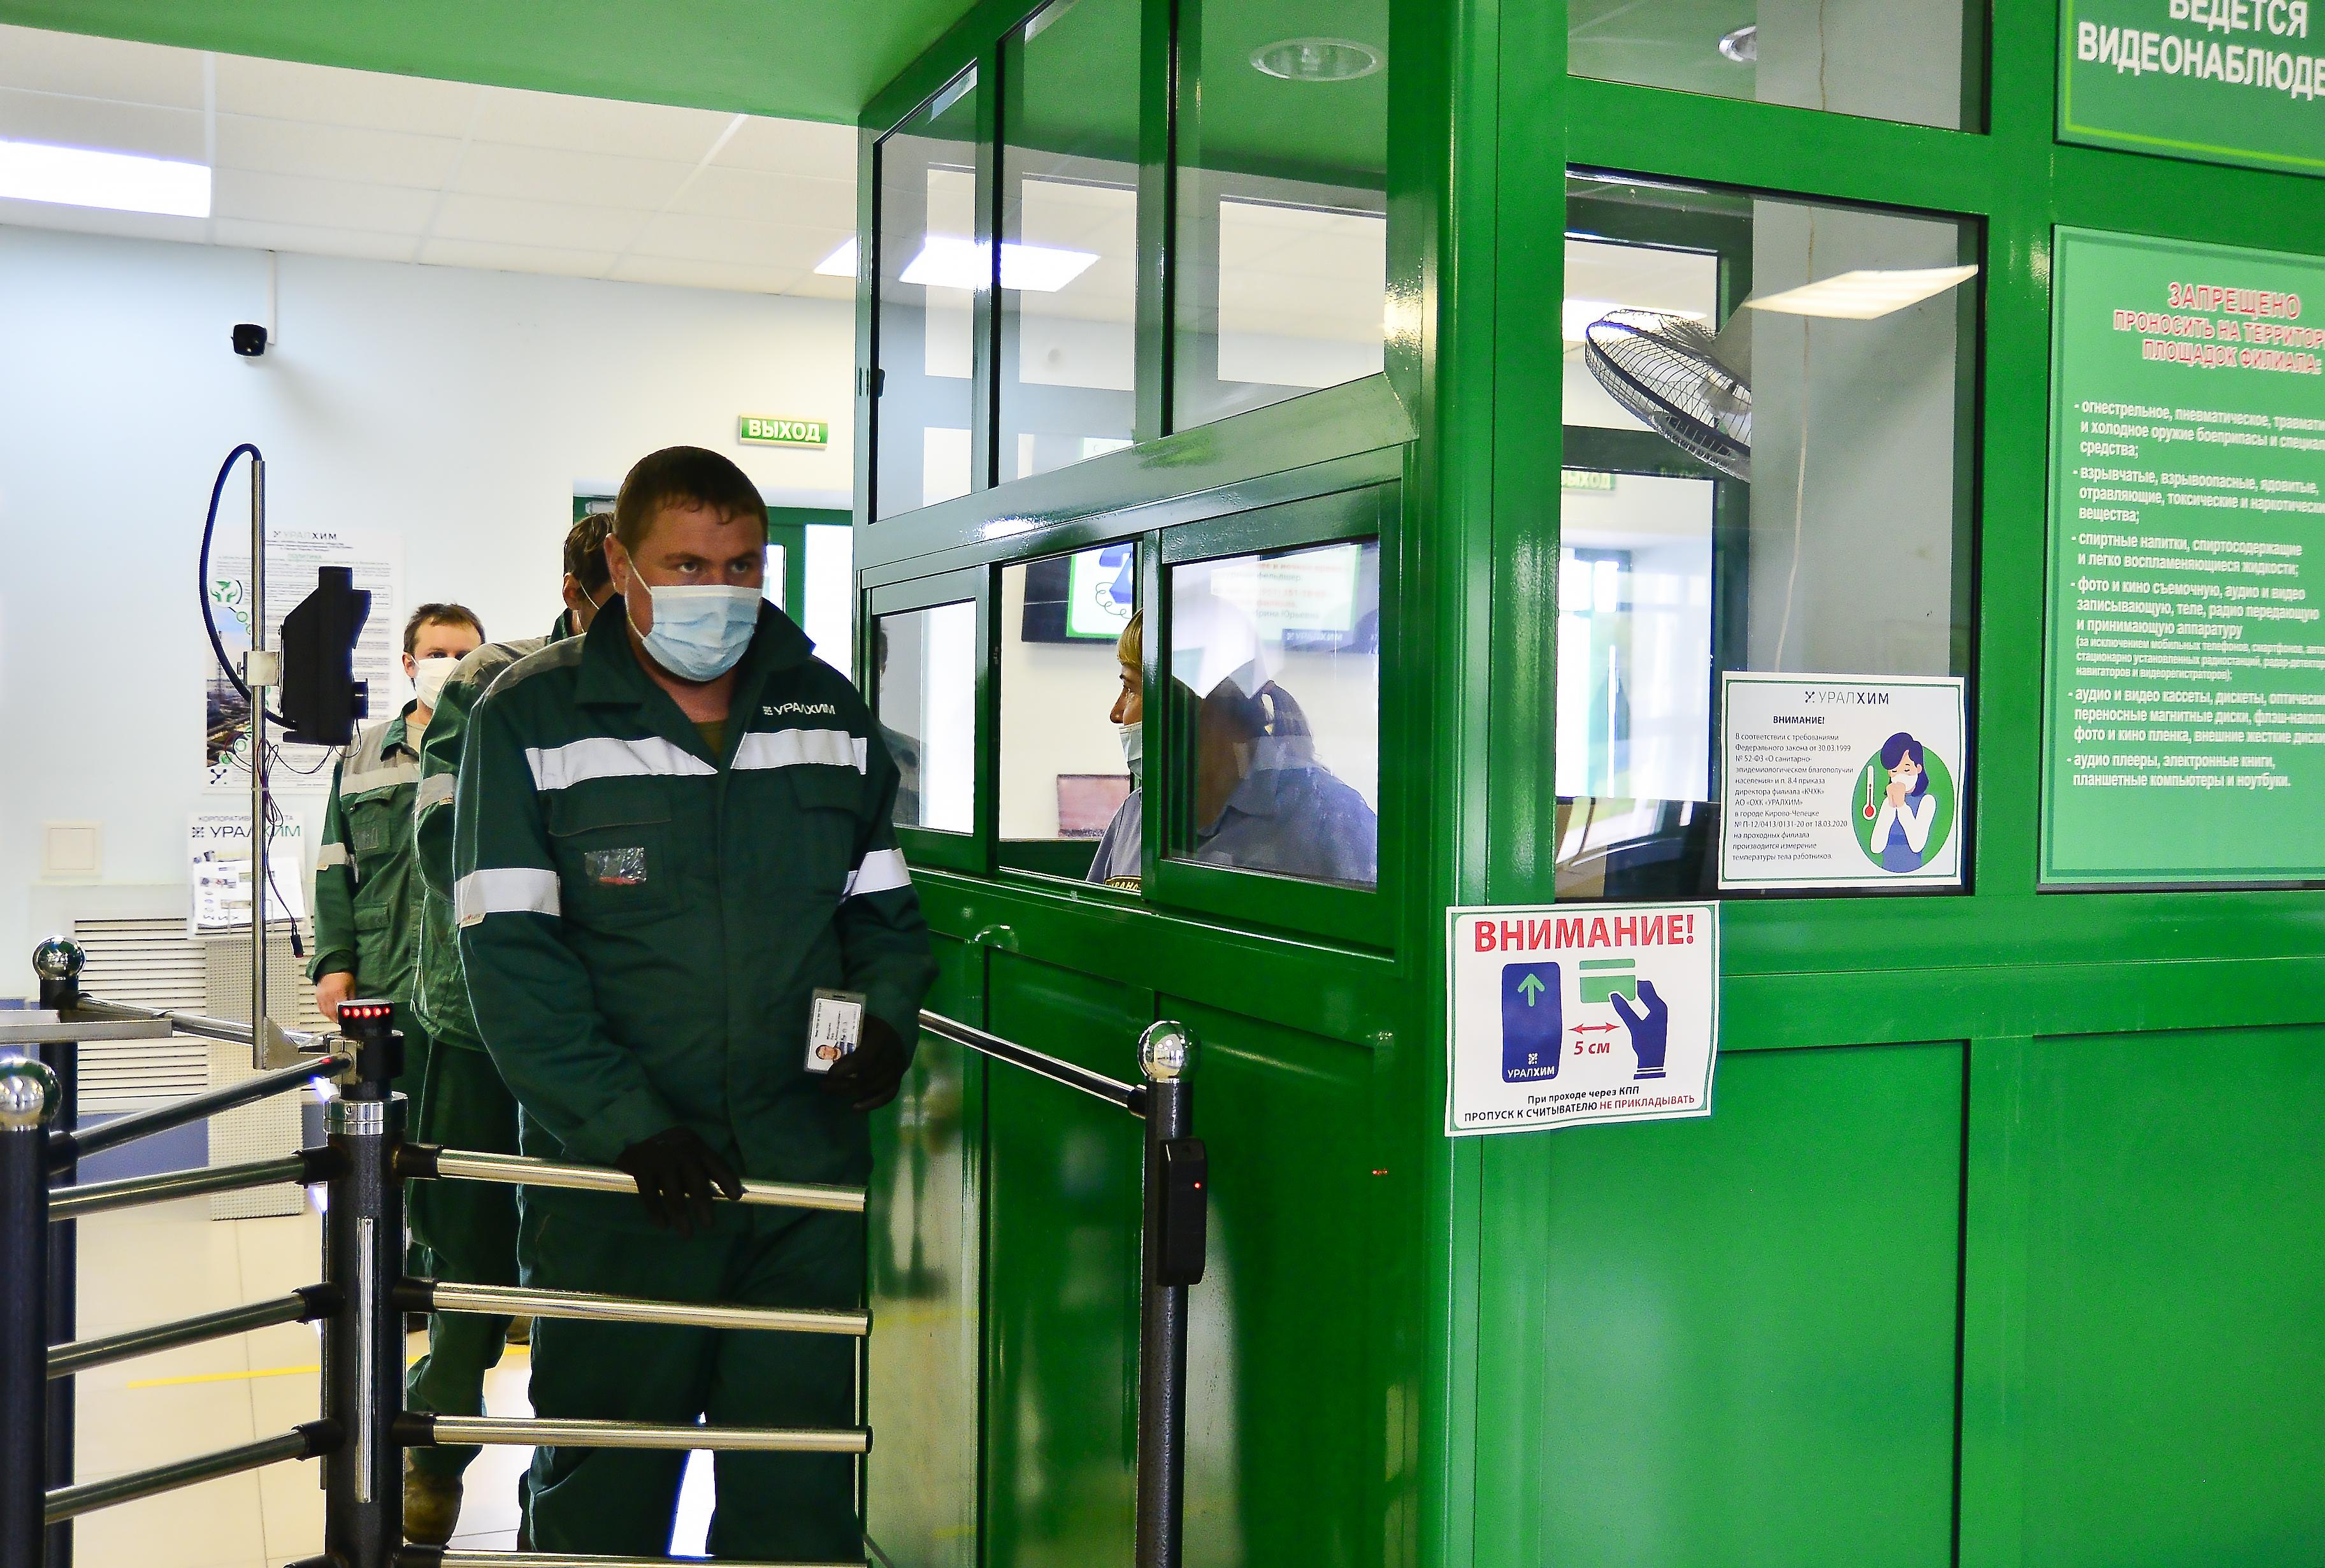 «УРАЛХИМ» в Кирово-Чепецке: почти 20 миллионов рублей на борьбу с коронавирусом